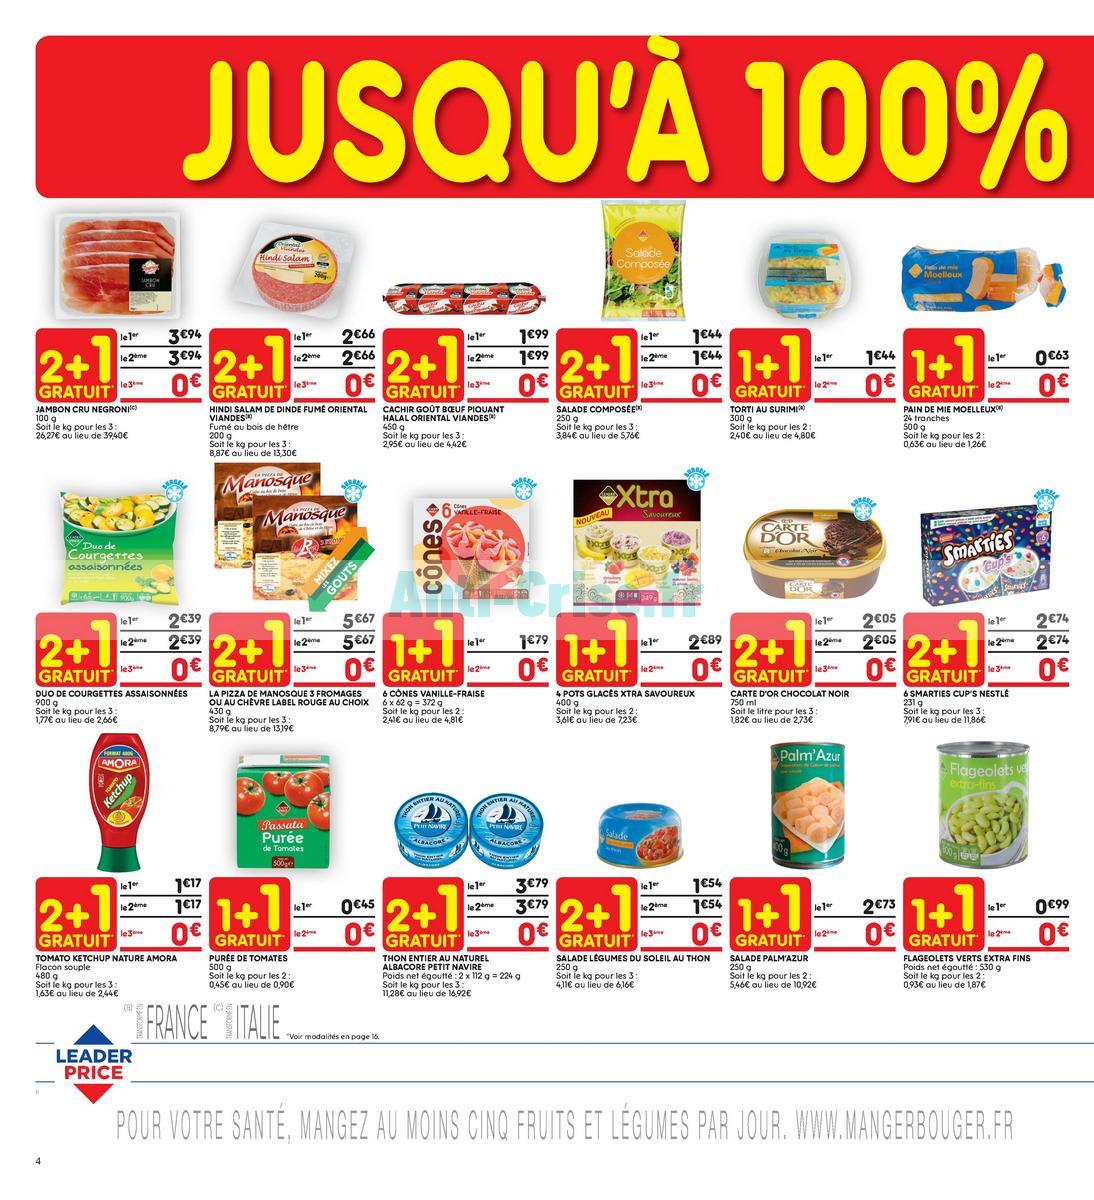 Catalogue Leader Price du 22 mai au 3 juin 2018 (Le Mois 100% Remboursé Vague 2) (4)